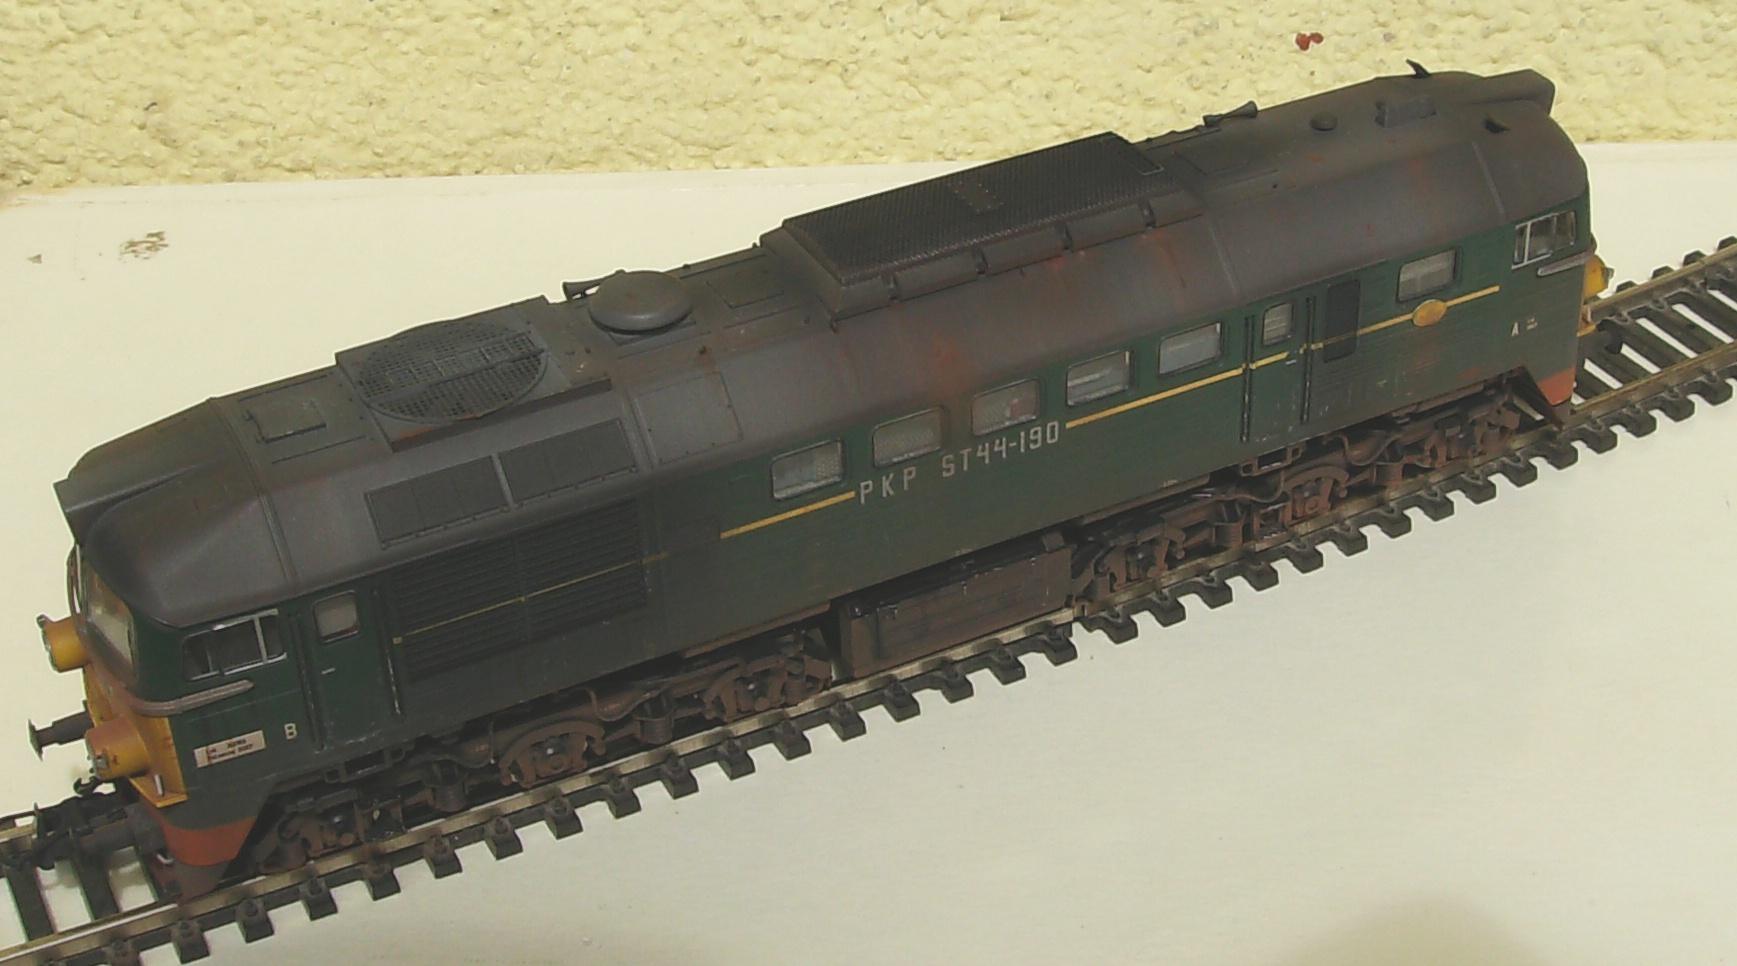 HPIM9196.JPG